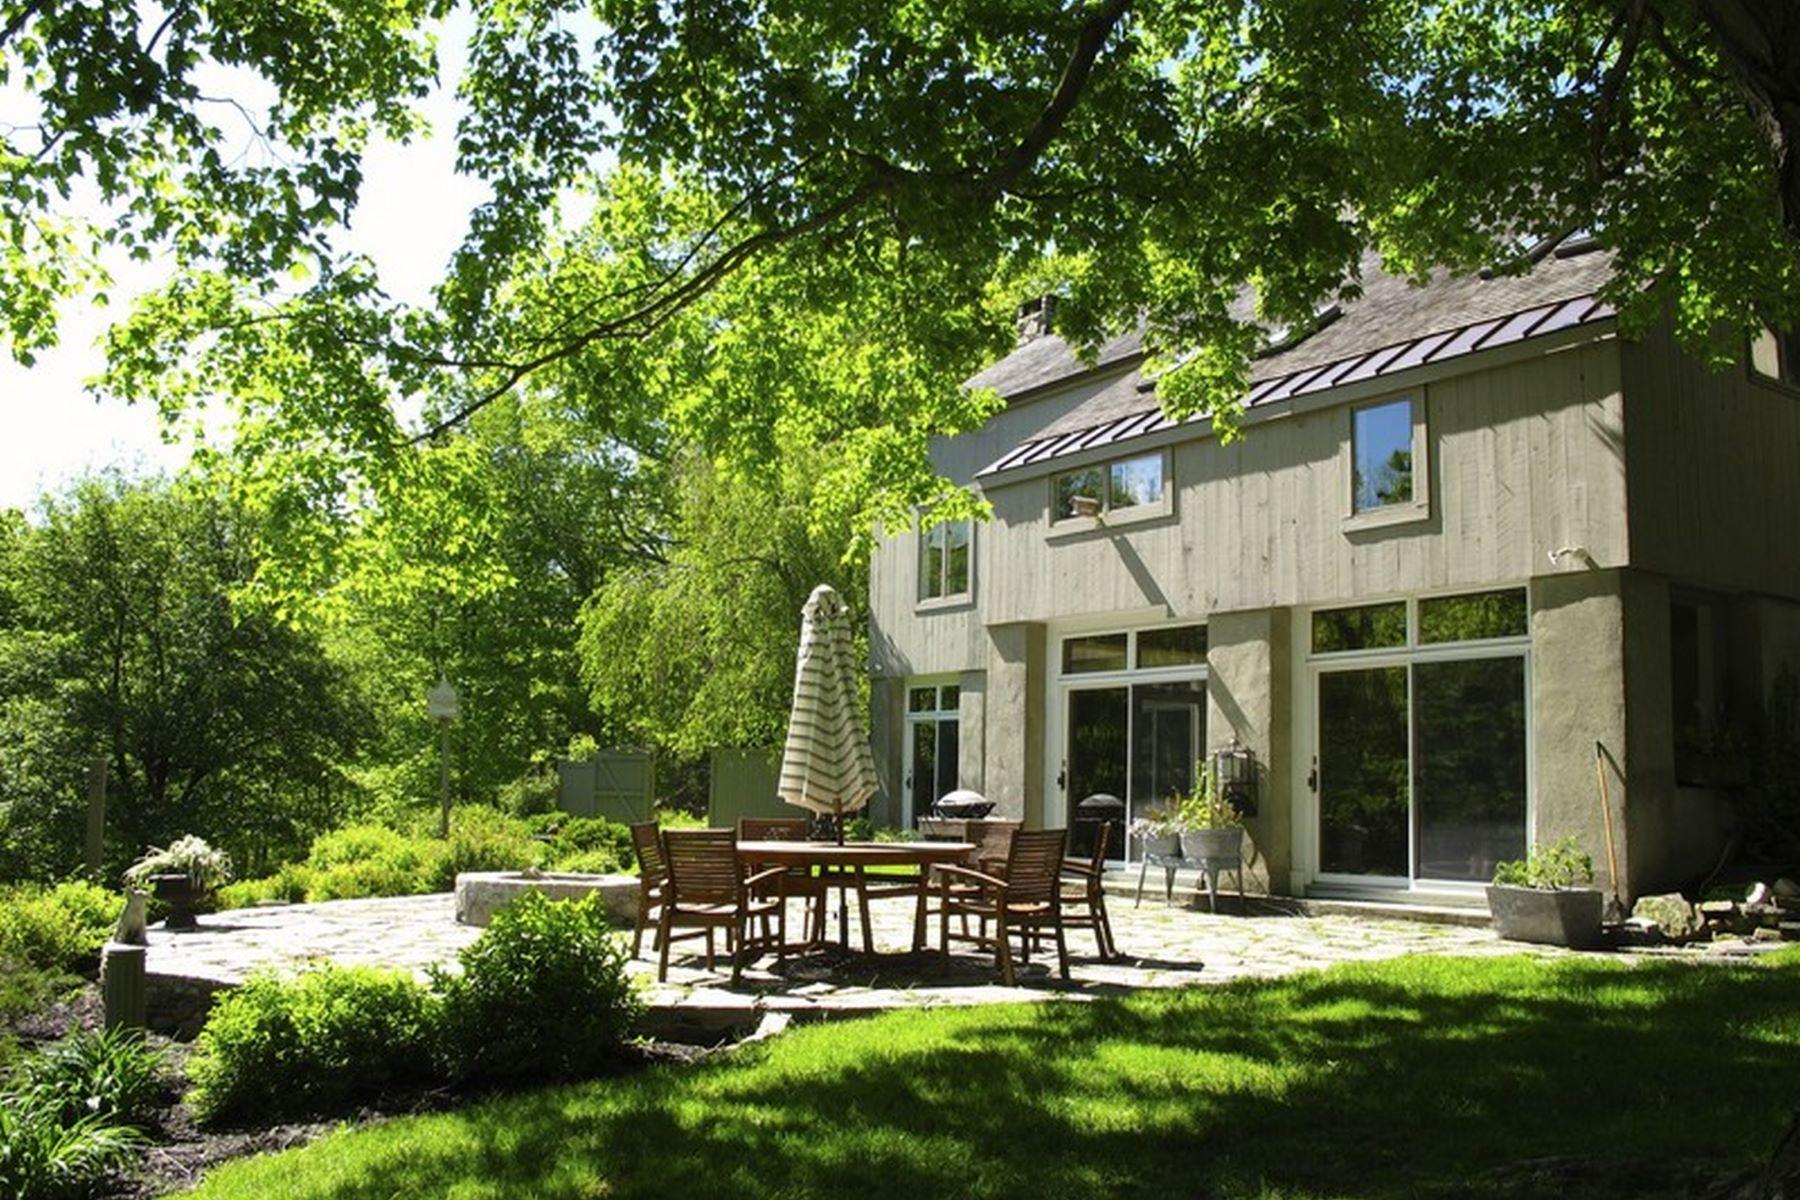 Casa Unifamiliar por un Venta en Barn Style Country Home 119 New Milford Rd Bridgewater, Connecticut, 06752 Estados Unidos